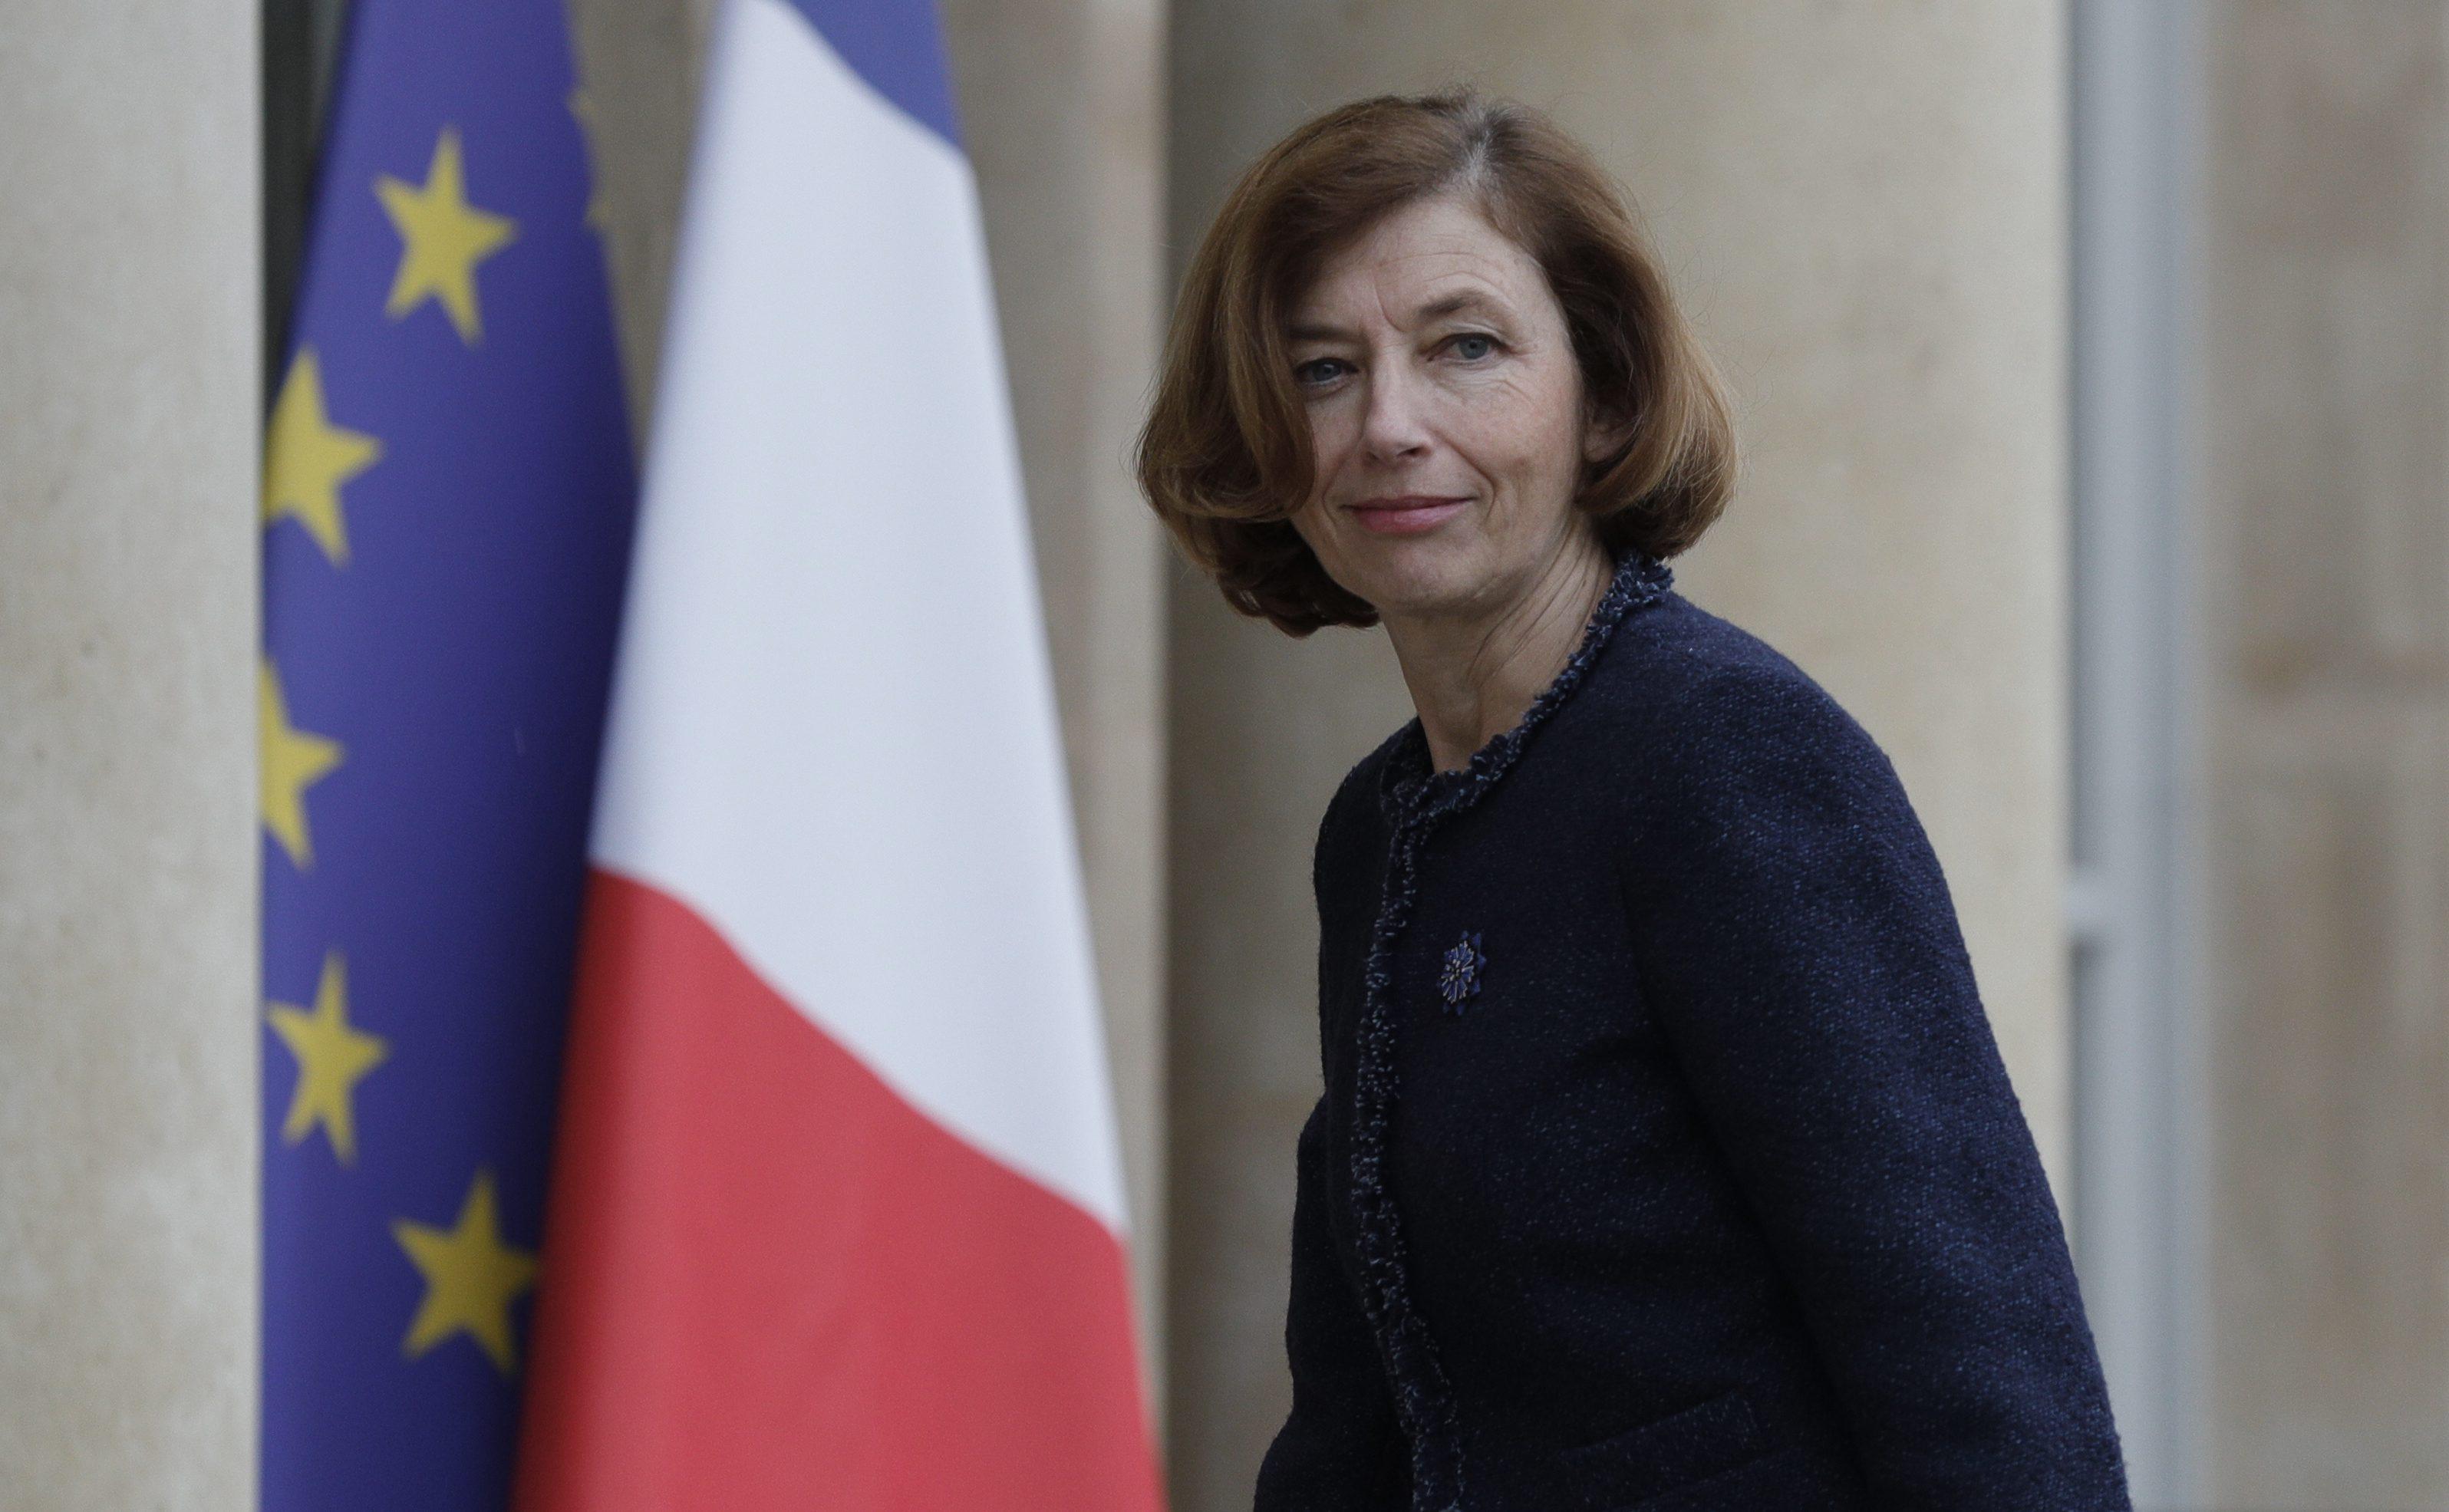 وزيرة الدفاع الفرنسية تدعو إلى انتقال سياسى سريع فى مالى